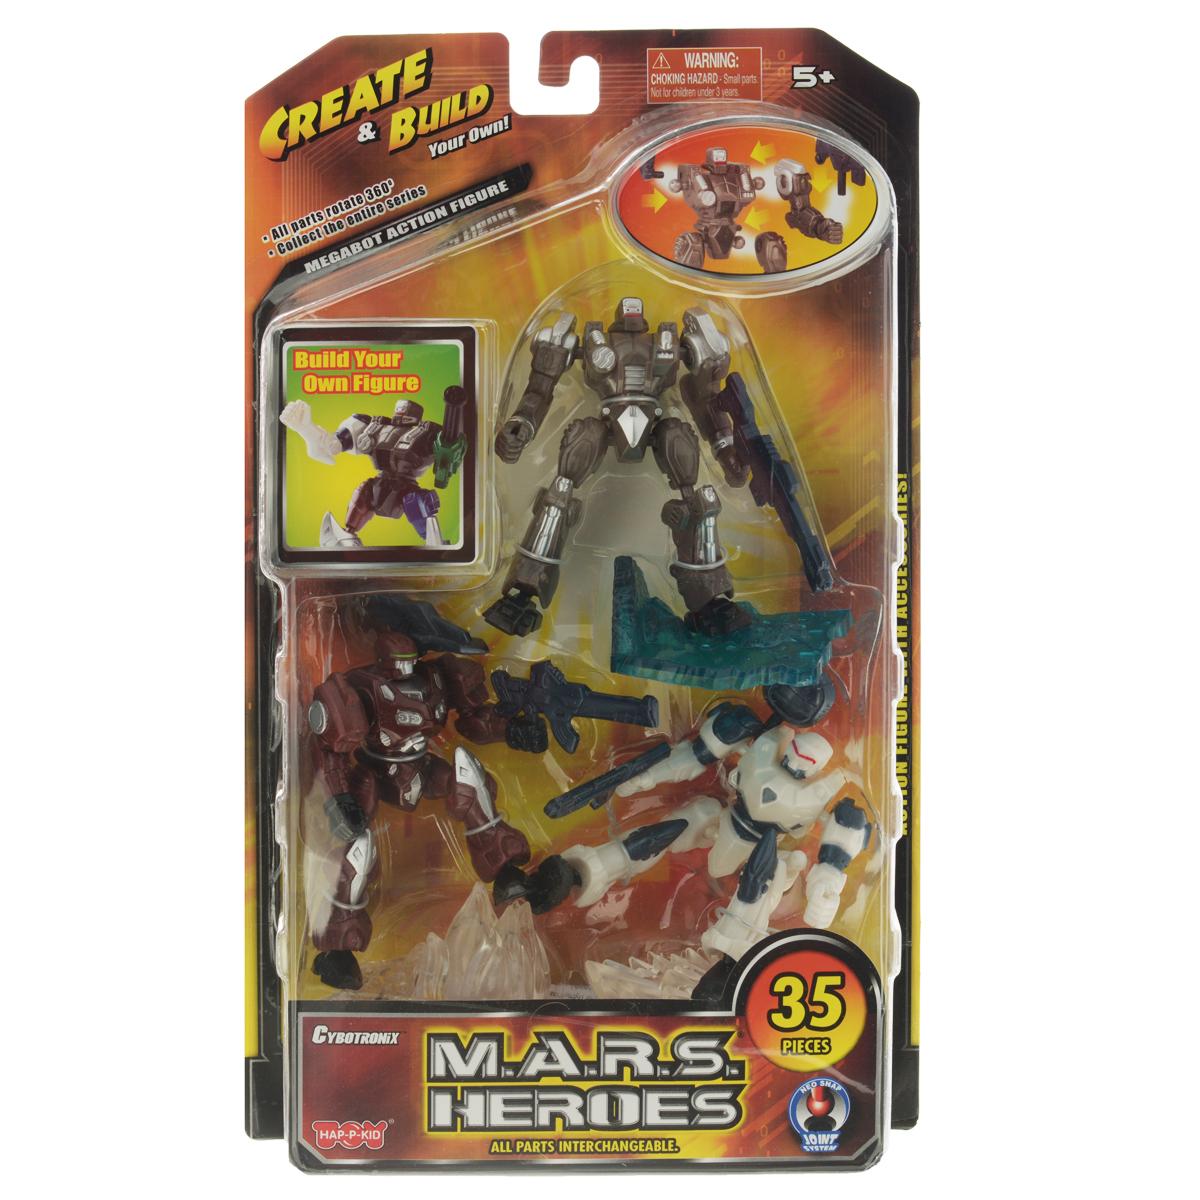 Игровой набор Герои Марса. Darkbeat, Frosty, Blaster4094Игровой набор Герои Марса состоит из трех роботов, мощного оружия для них и четырех подставок. Благодаря тому, что конечности робота прикреплены к телу на шарнирах, вы сможете без труда поворачивать их руки и ноги в разные стороны. Каждое из пяти оружий, входящих в комплект, легко фиксируется в руках робота. Теперь у вас появилась возможность собрать свою коллекцию Героев Марса. Компания Happy Kid Toy Group Ltd была основана более 20 лет назад, сегодня она известна под брэндом HAP-P-KID®, благодаря которому заслужила отличную репутацию в отрасли производства детских игрушек. Happy Kid Toy Group Ltd один из ведущих производителей и импортеров высококачественных игрушек из пластмассы. Продукция компании яркая, инновационная и недорогая, отвечает запросам покупателей и соответствует стандартам качества и безопасности. Торговый Дом Гулливер и Ко является эксклюзивным дистрибьютором и осуществляет поставки продукции Happy Kid Toy на российский...